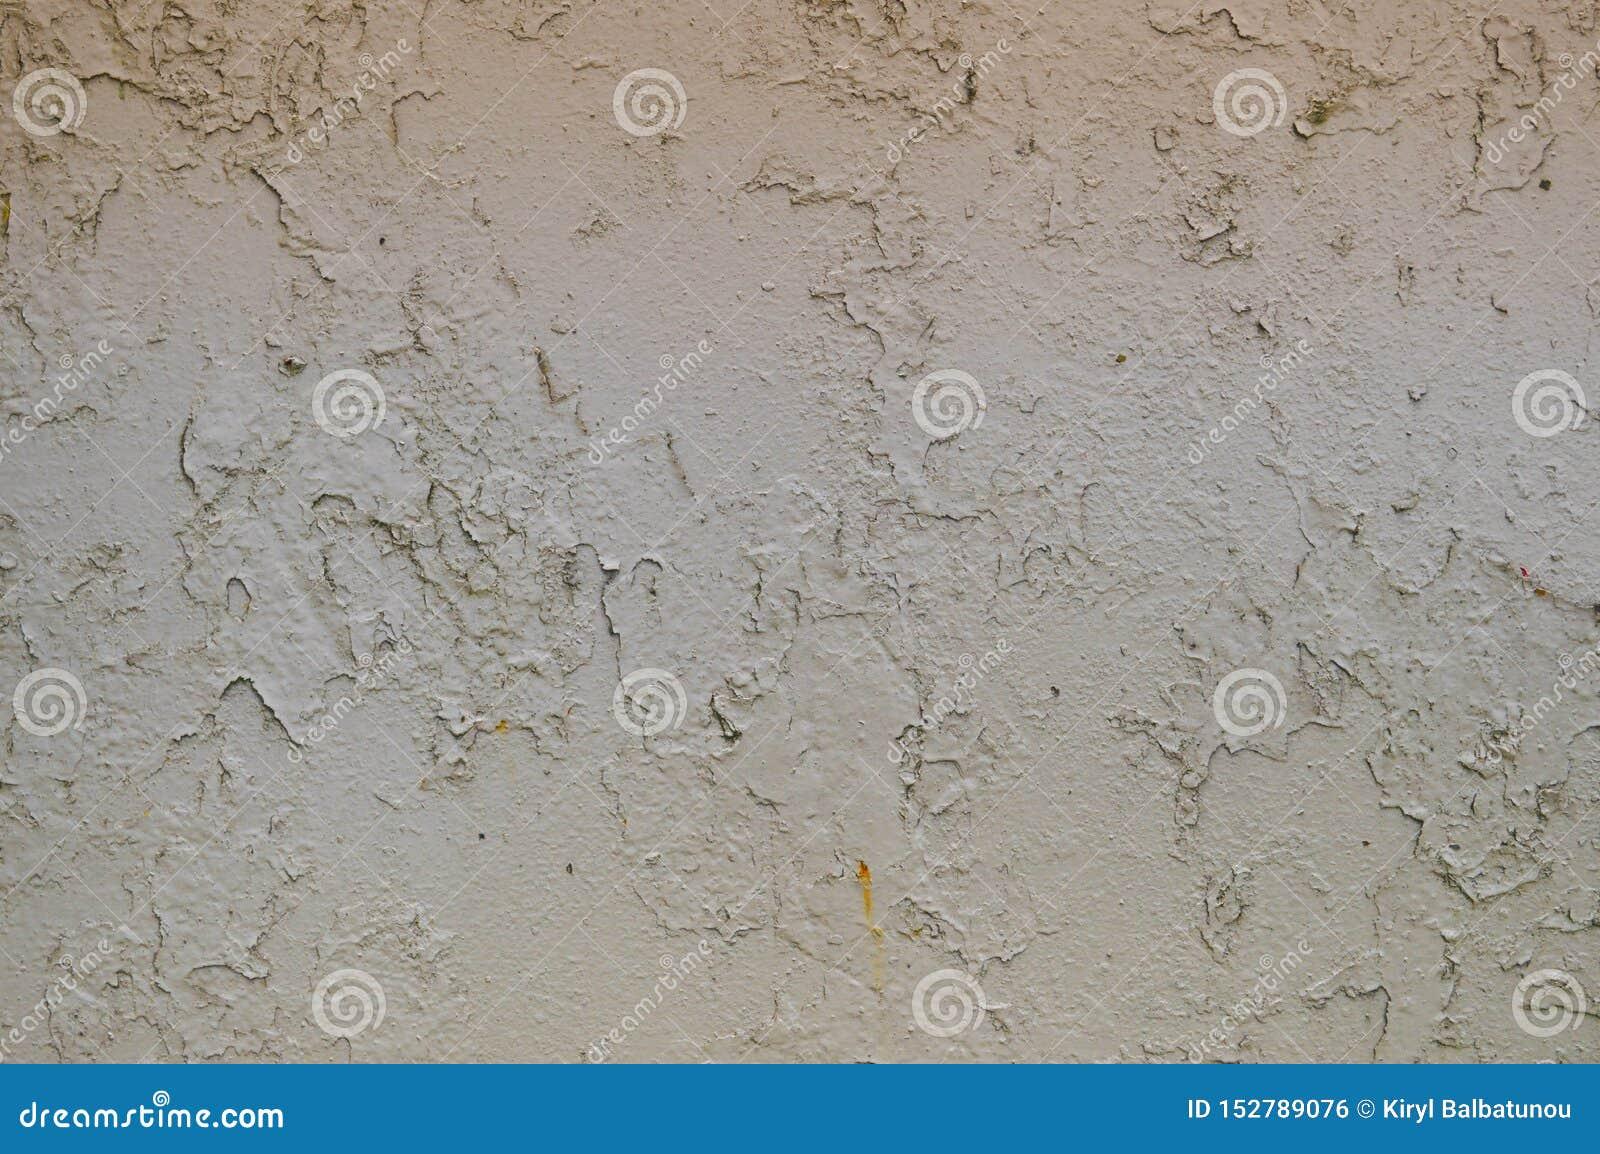 Текстура металла утюга покрасила серую слезая краску поколоченной старой поцарапанный треснула старую ржавую стену металлического